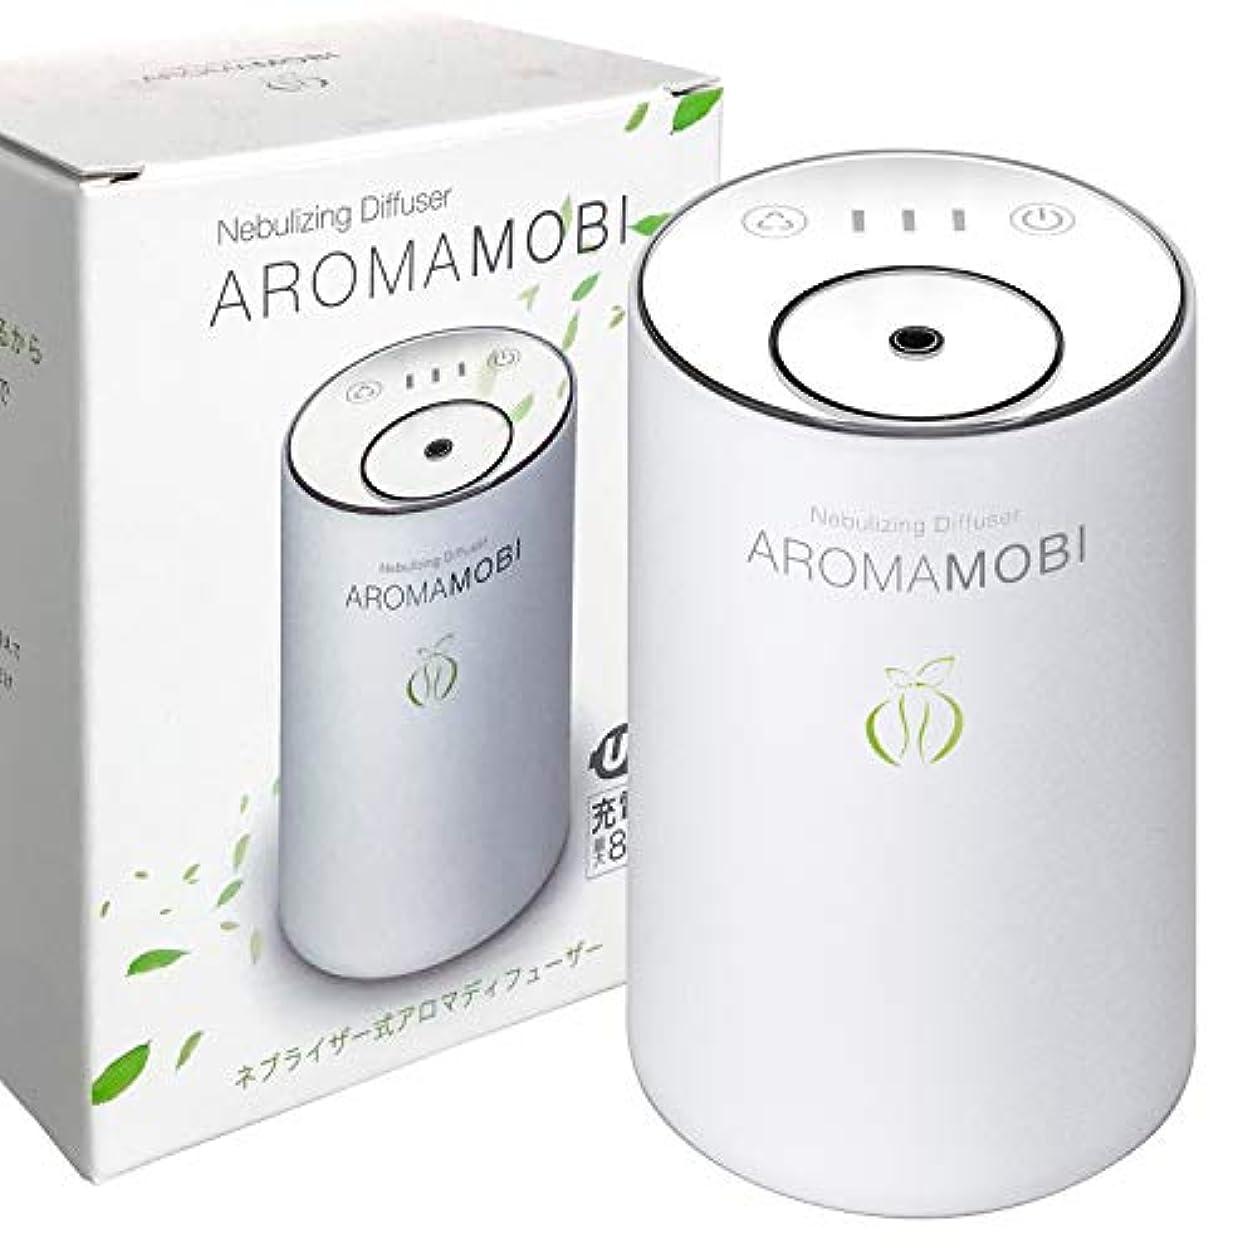 軽減する想定する浜辺funks AROMA MOBI 充電式 アロマディフューザー ネブライザー式 ホワイト